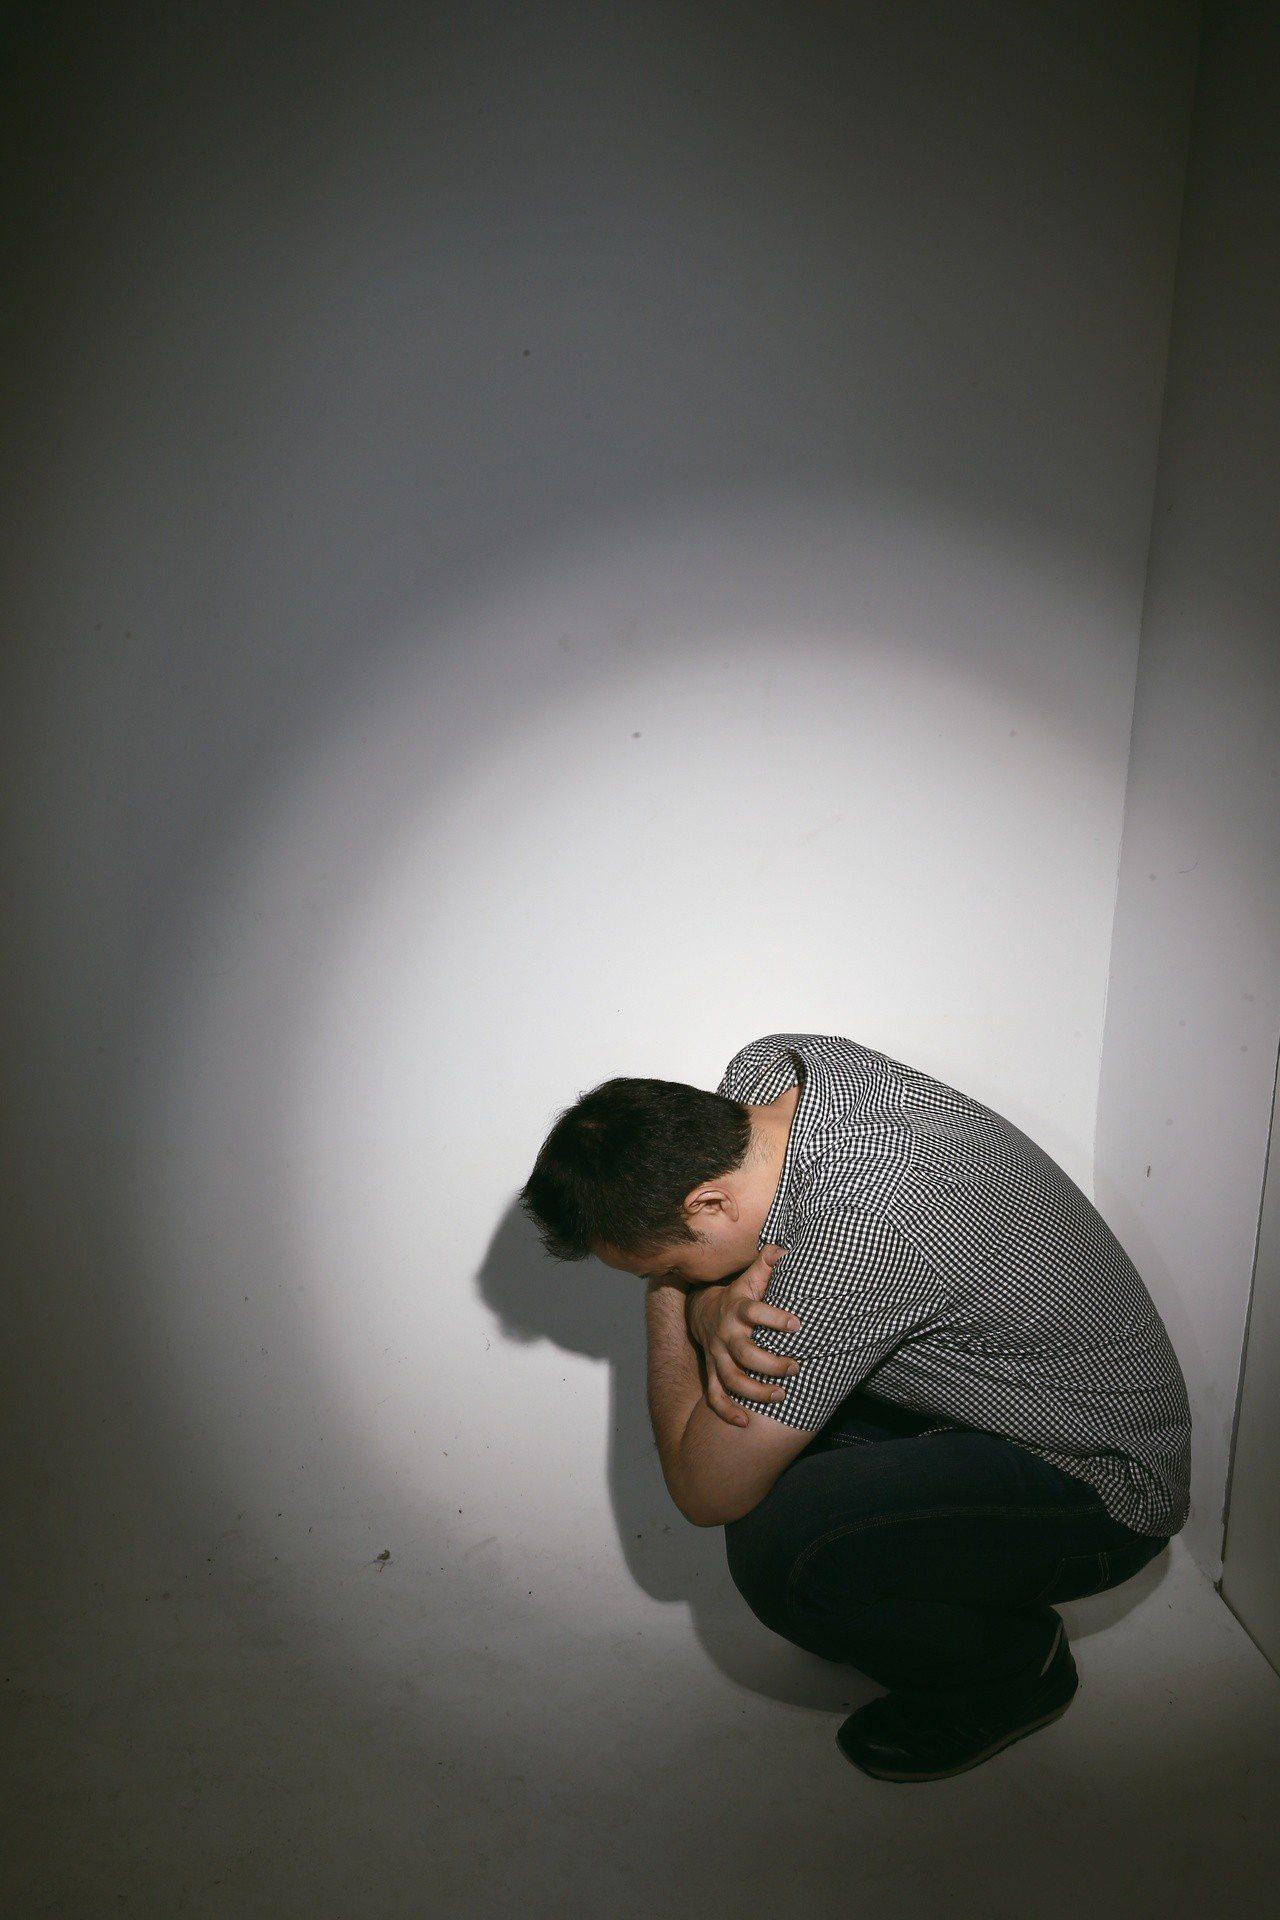 醫生表示,恐慌症無法先預測,常常在短短幾分鐘內,症狀會全部跑出來,感到極度不適。...